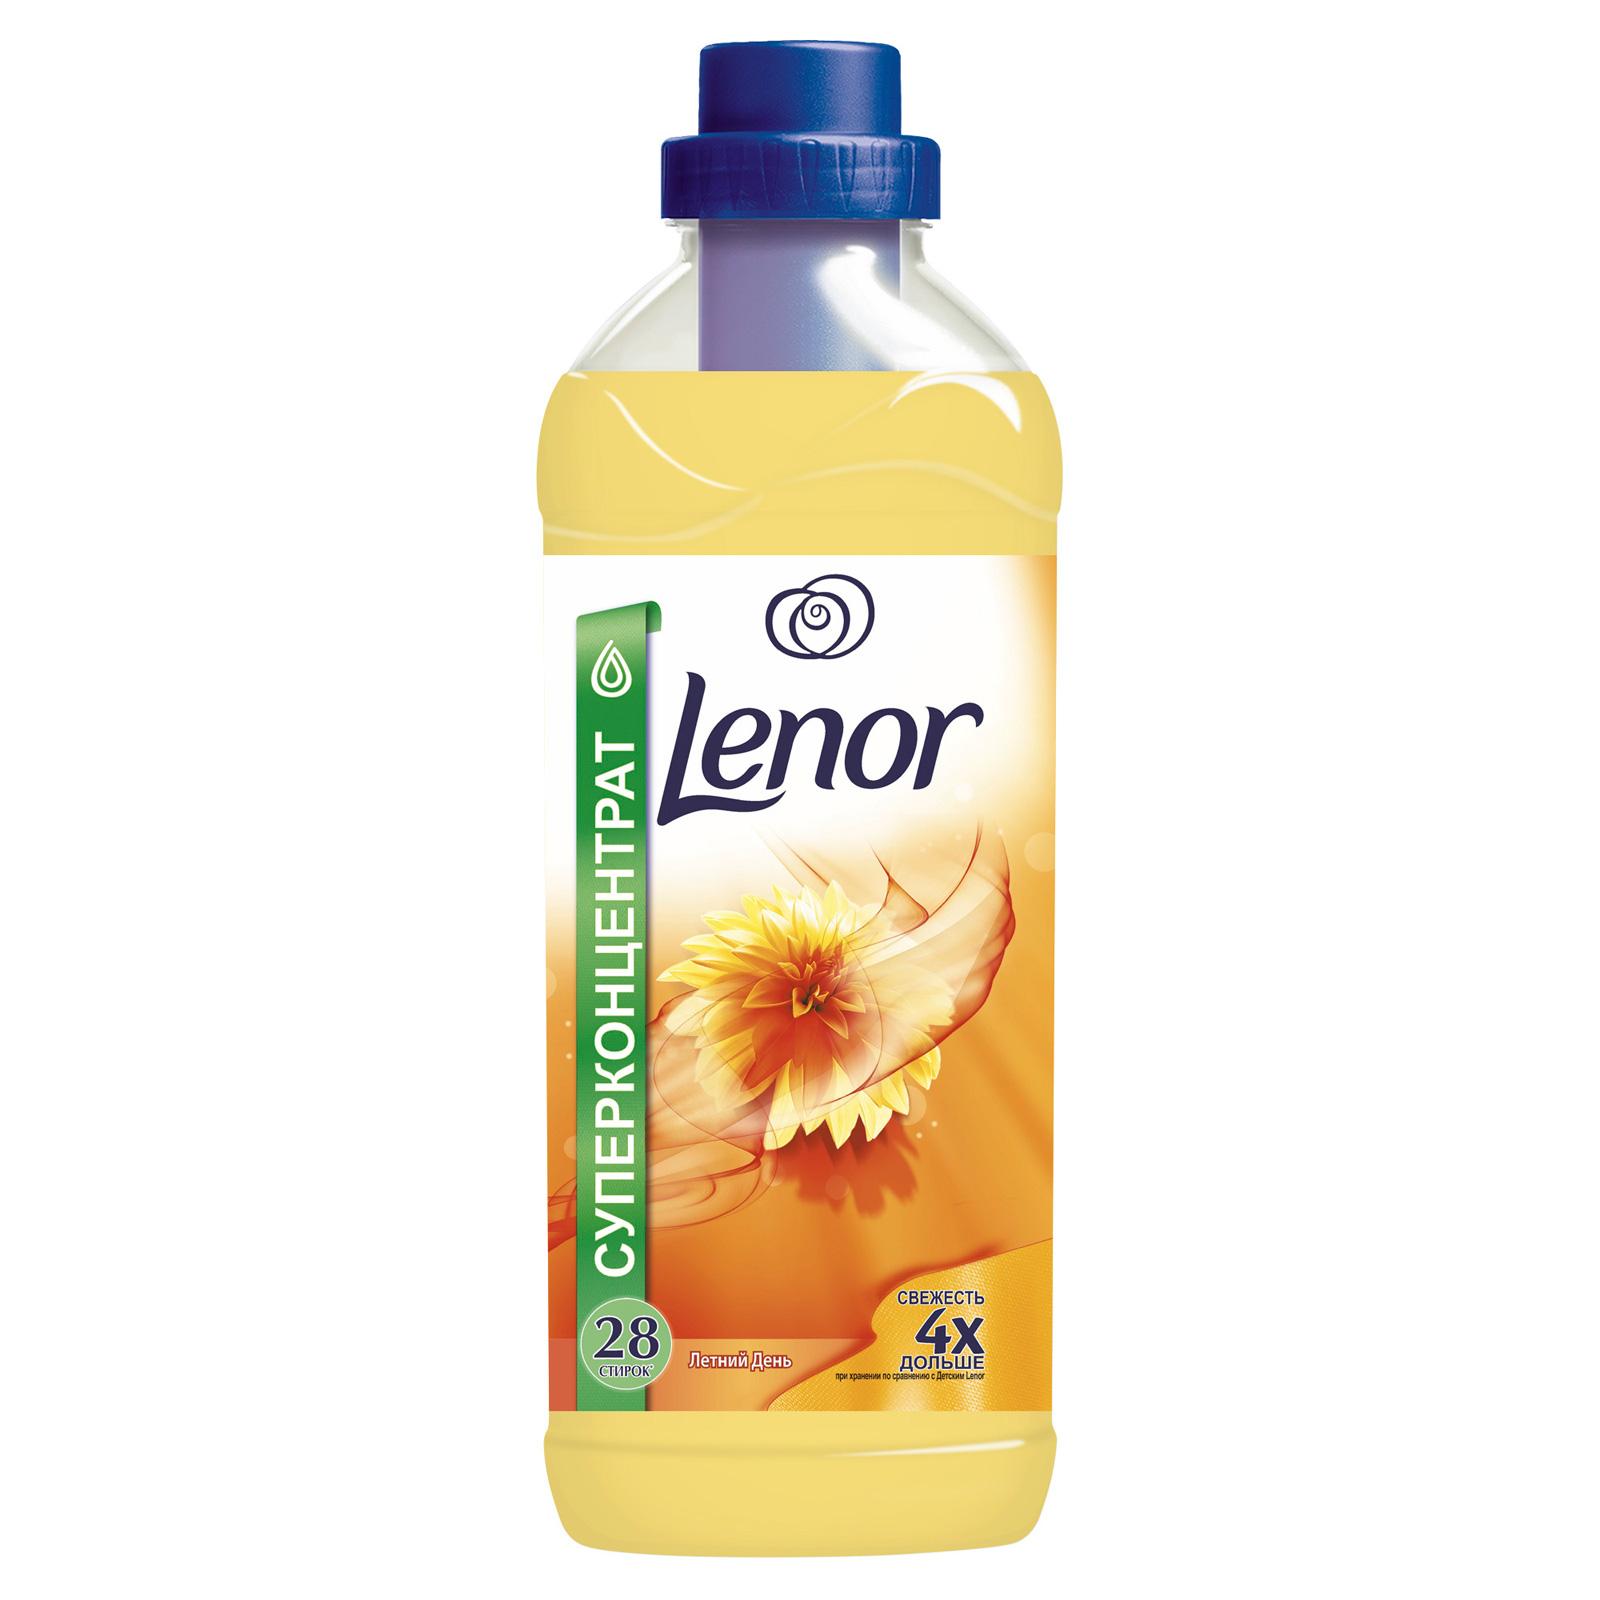 Кондиционер для белья Lenor 1 л Летний День 1л (28стирок)<br>